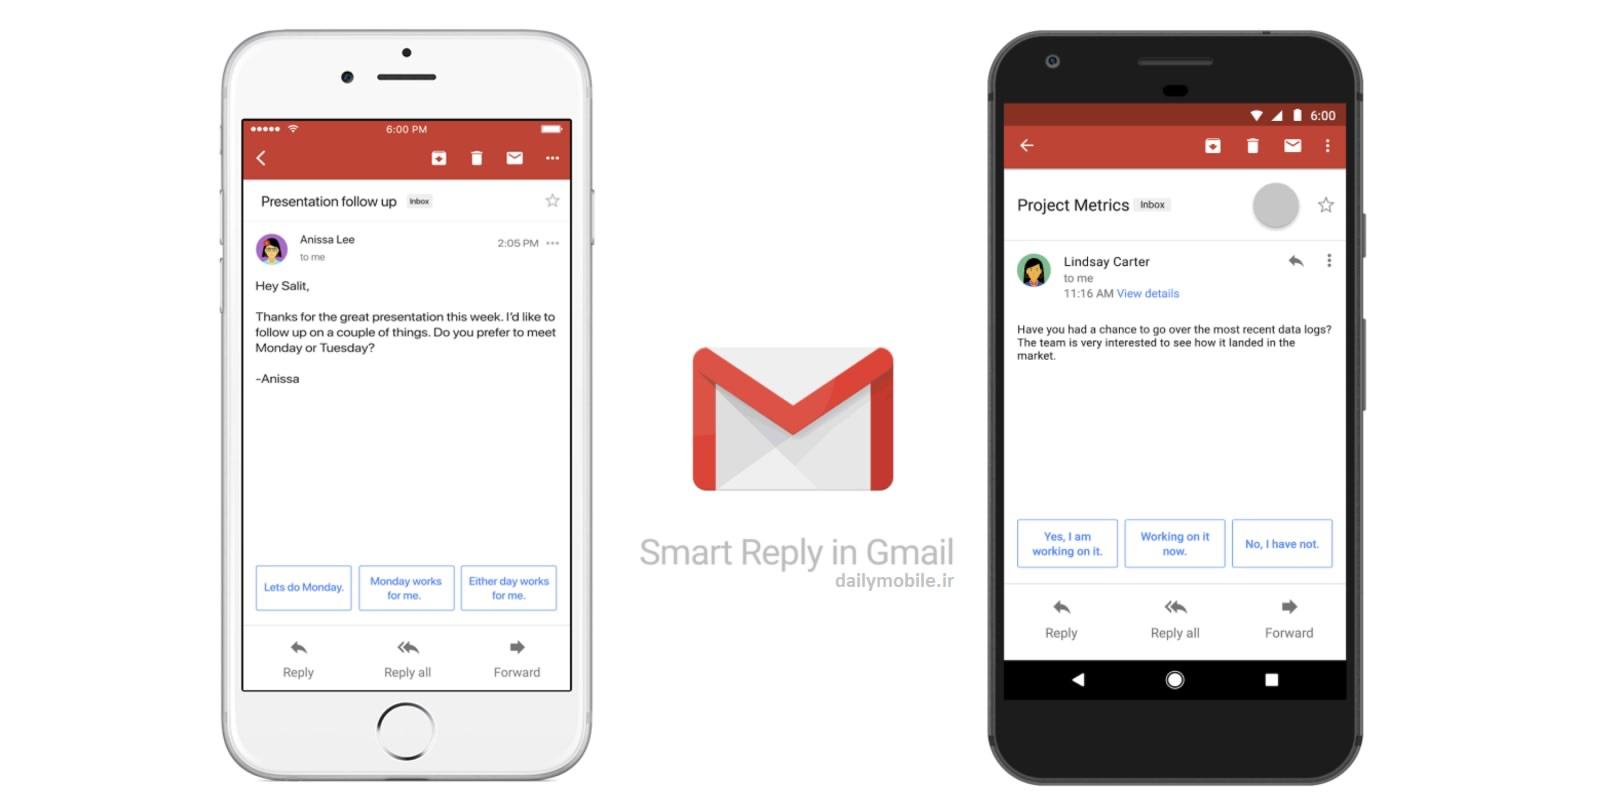 دانلود نسخه ی رسمی برنامه جیمیل برای اندروید Gmail